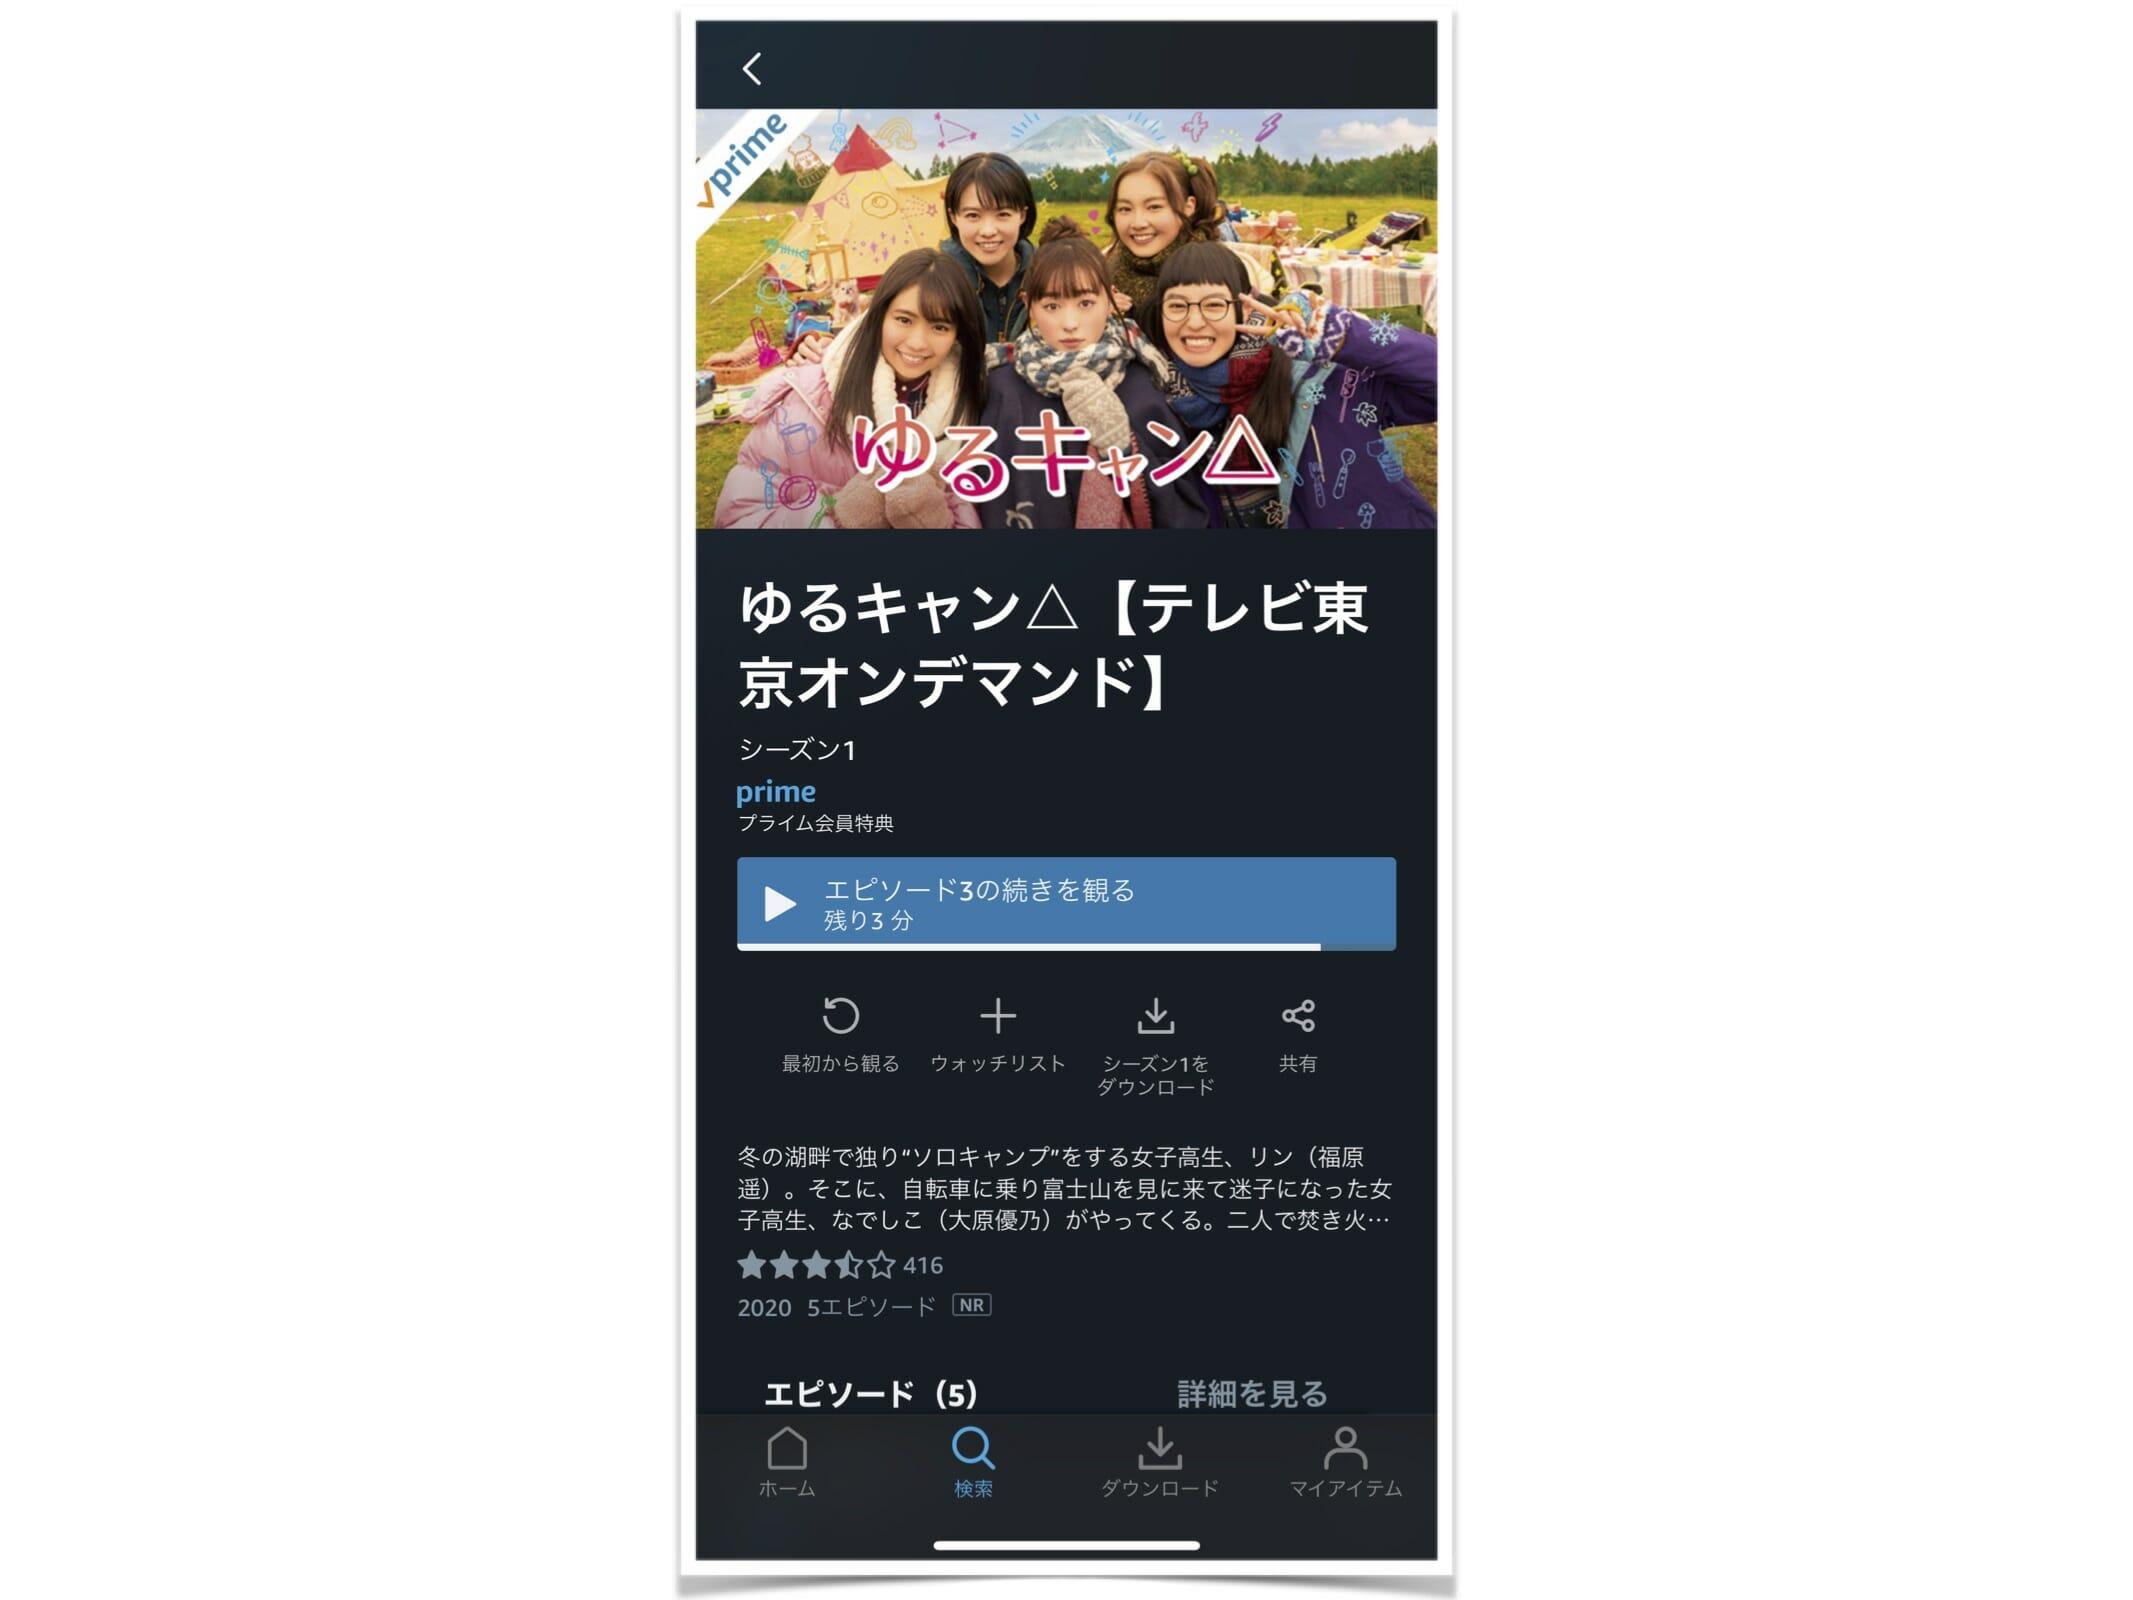 amazonプライムビデオの「徳山大五郎を誰が殺したか?」検索画面